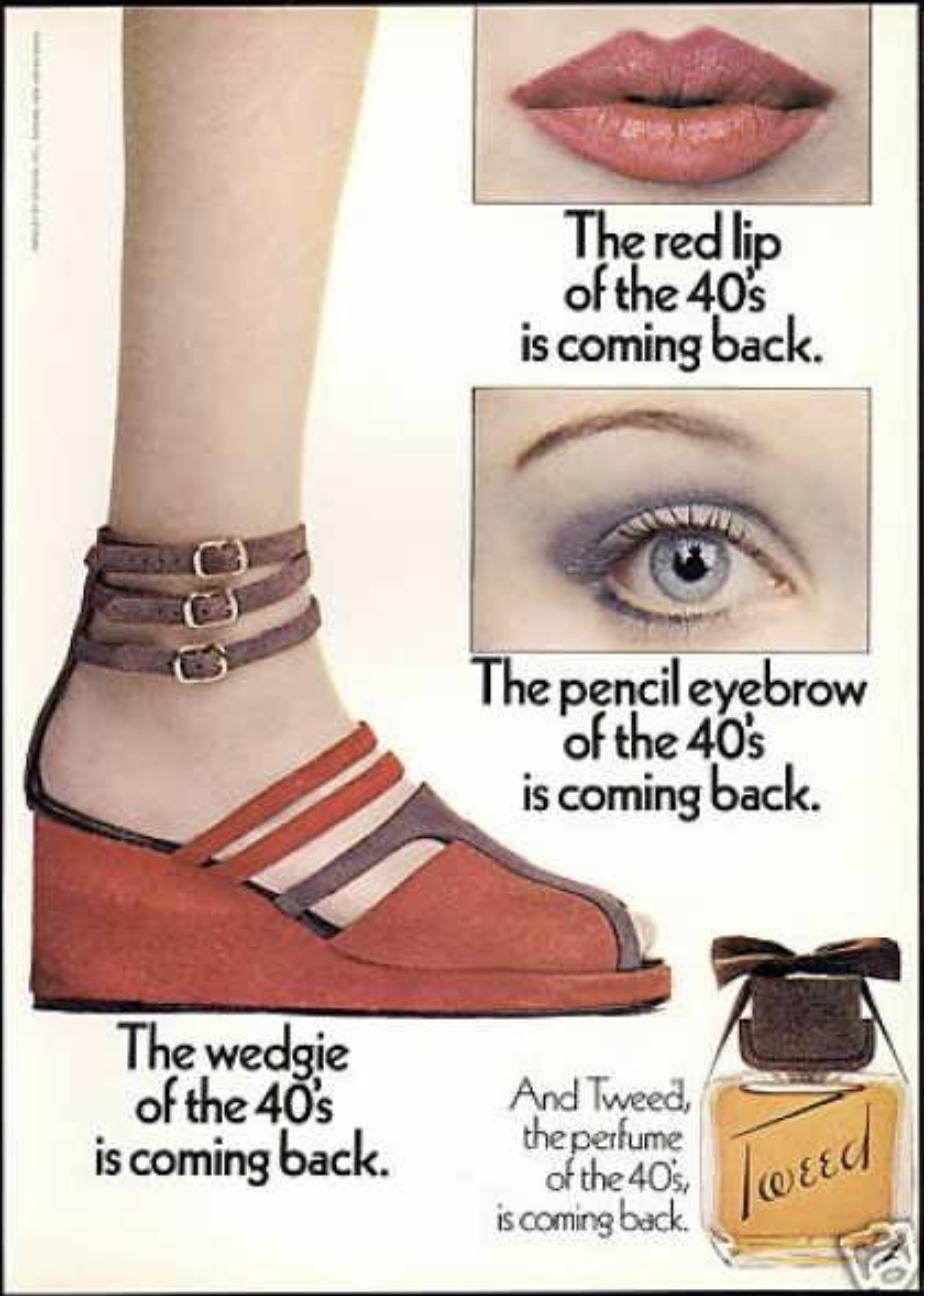 vintage Tweed ad